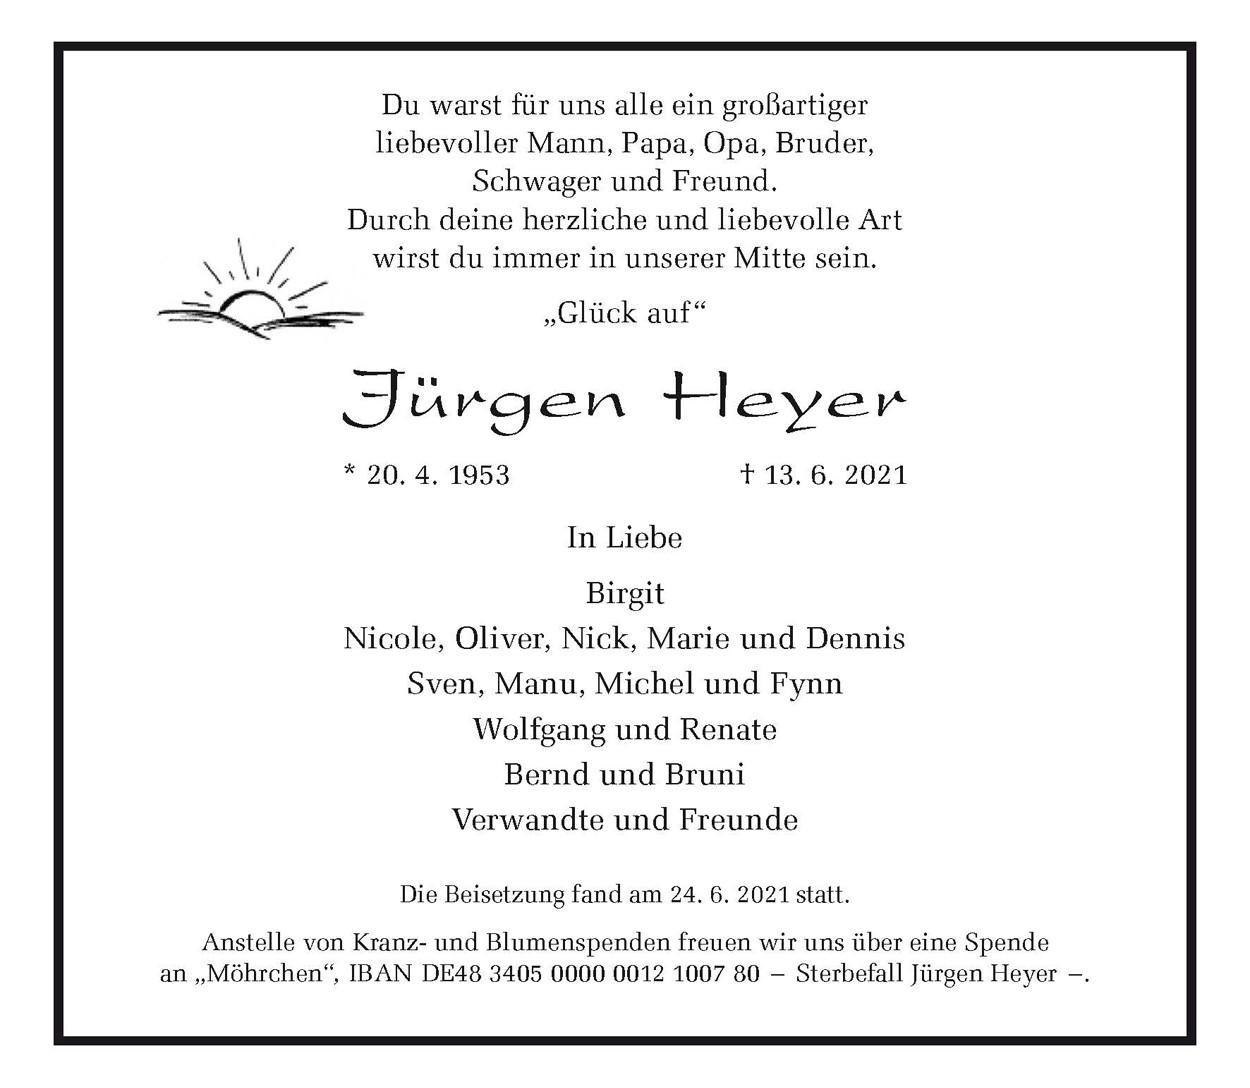 Jürgen Heyer